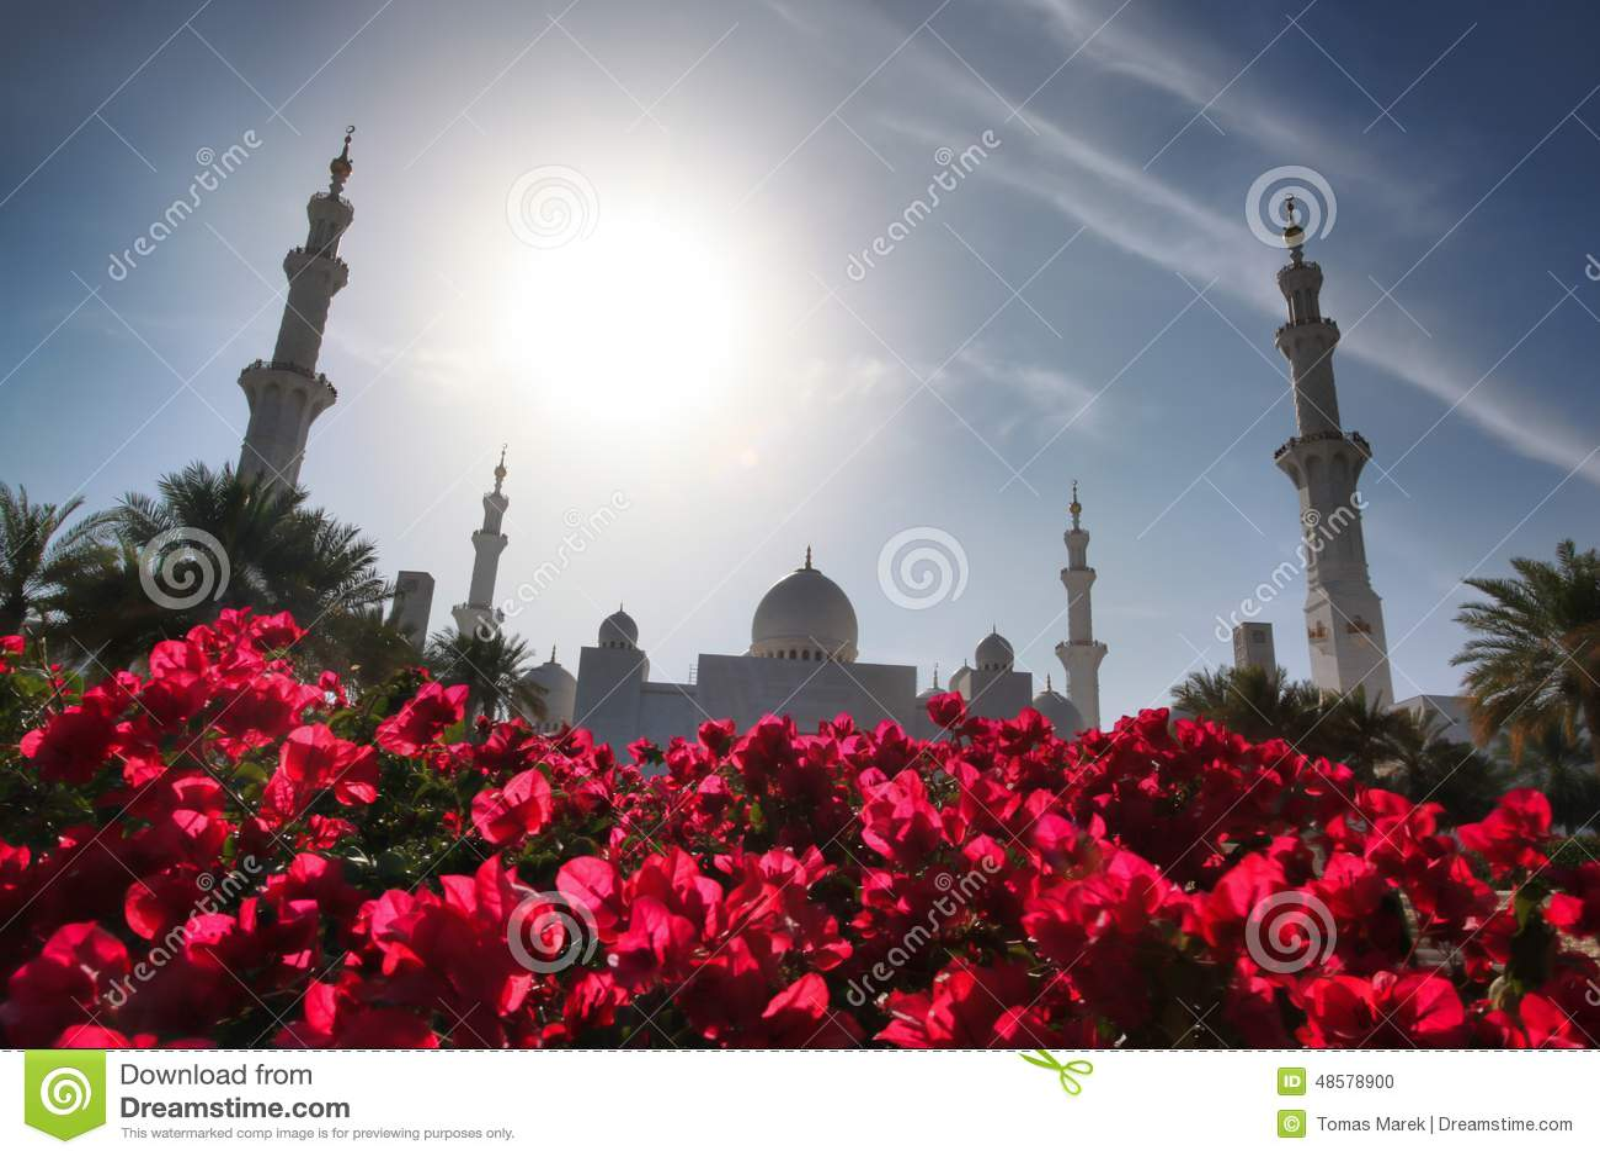 Sheikh Zayed meczet w Abu Dhabi, Zjednoczone Emiraty Arabskie, Środkowy Wschód